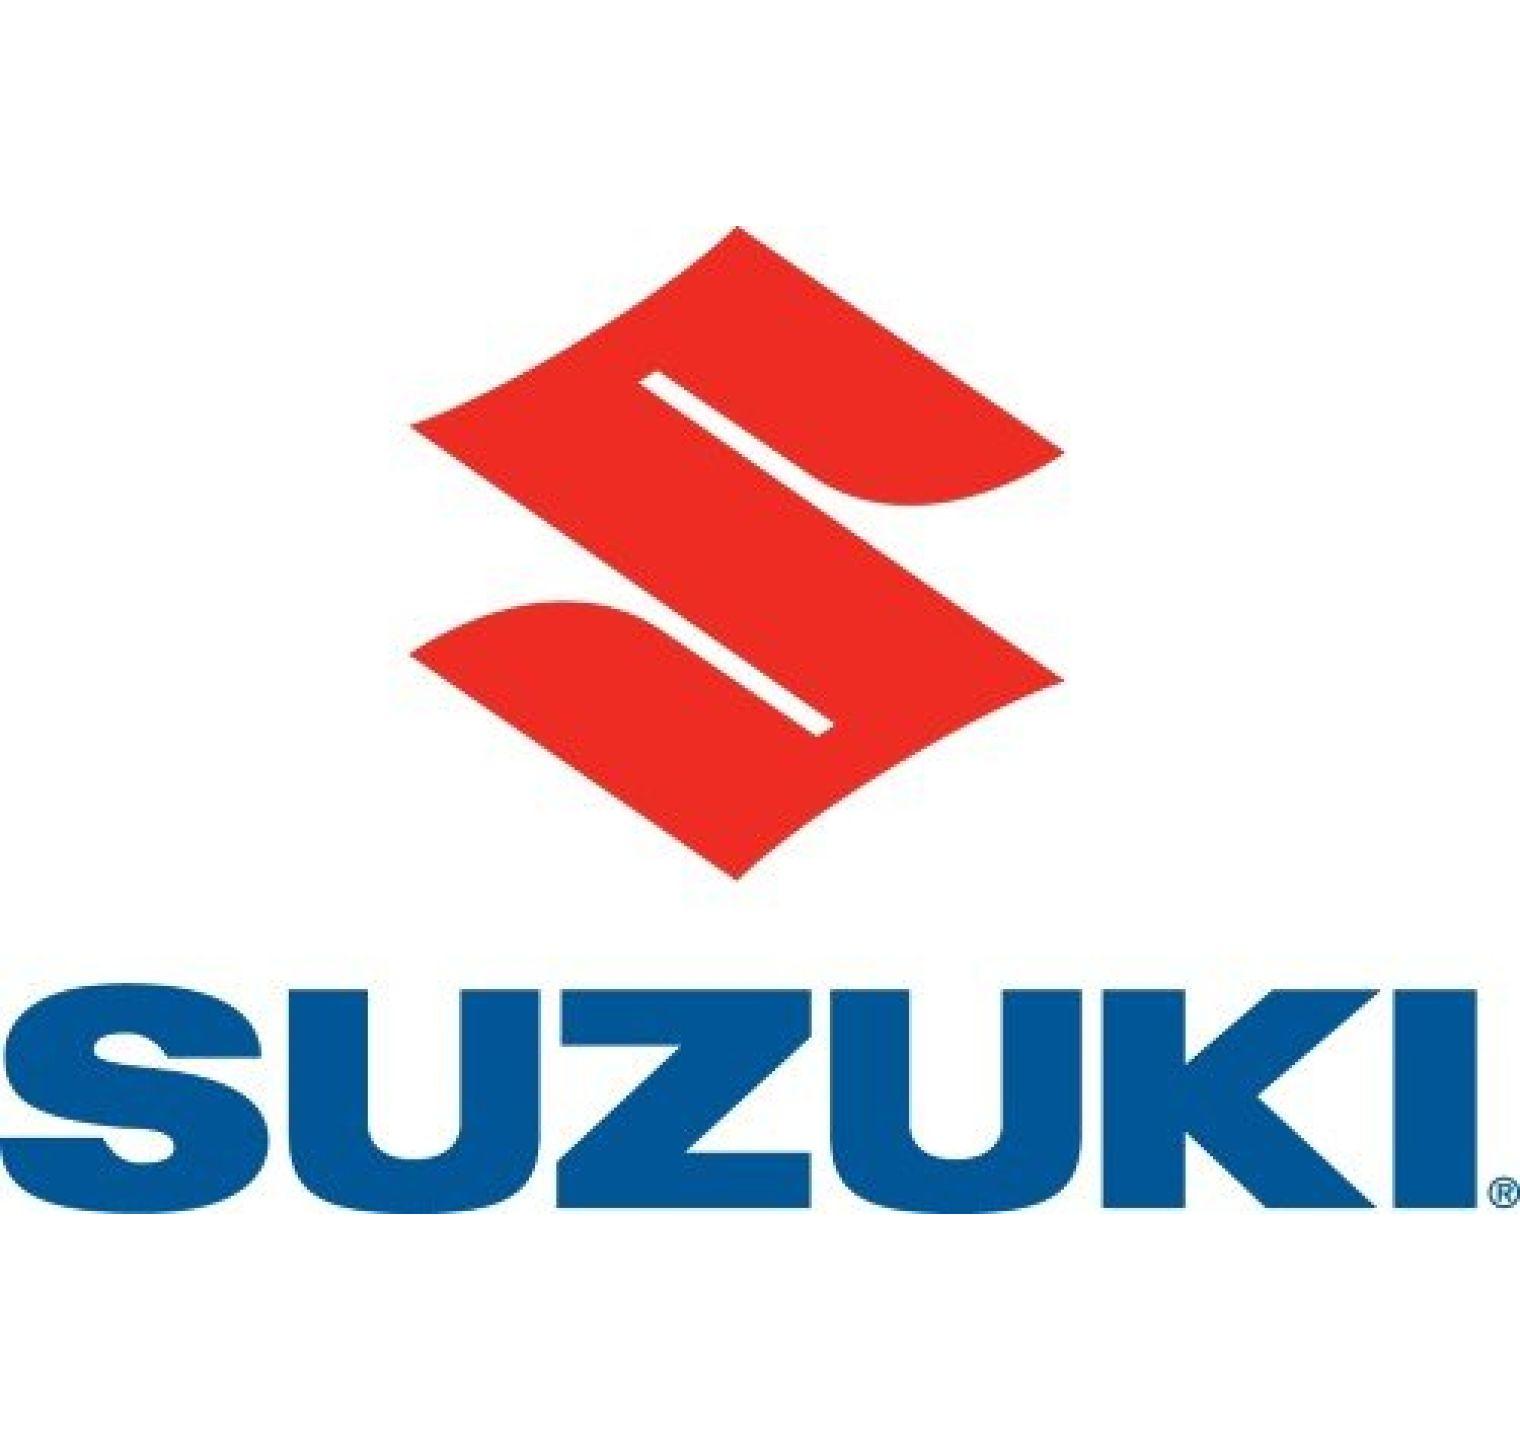 Suzuki Alto (2004 t/m 2006) - achterruitenwisser Valeo Standard